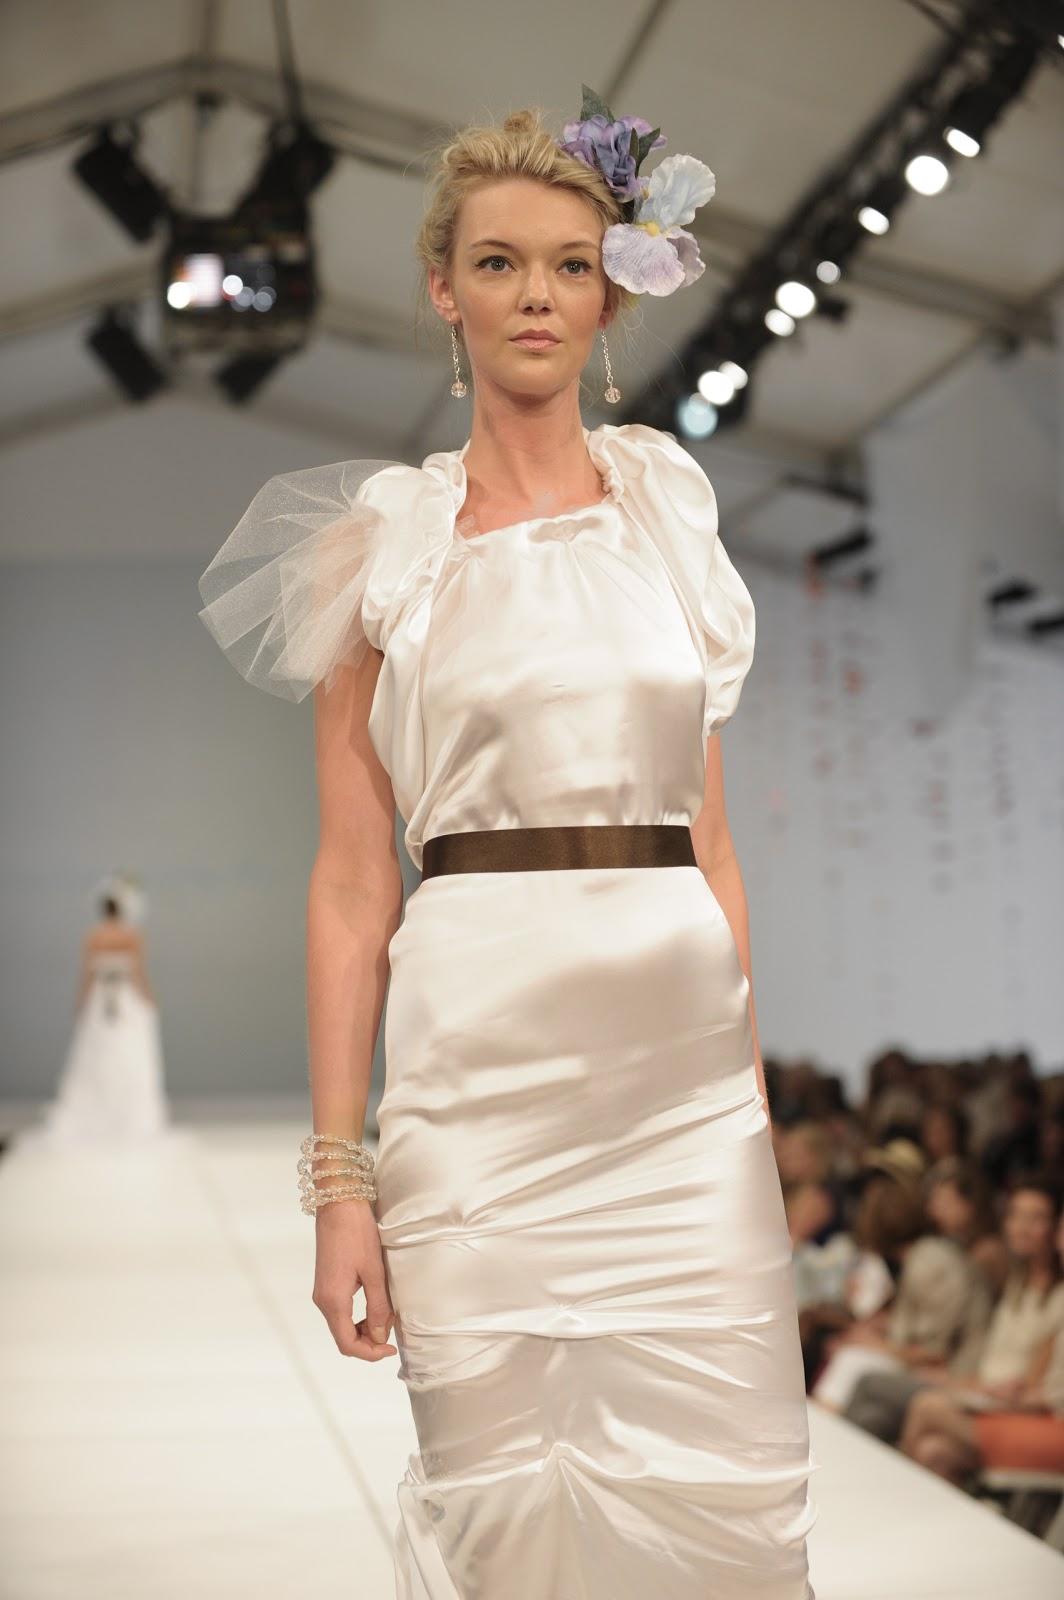 Fashion Bridal Design By Alena Fede Charleston Sc Cfw 11 Bridal Show Spring Chocolate By Alena Fede